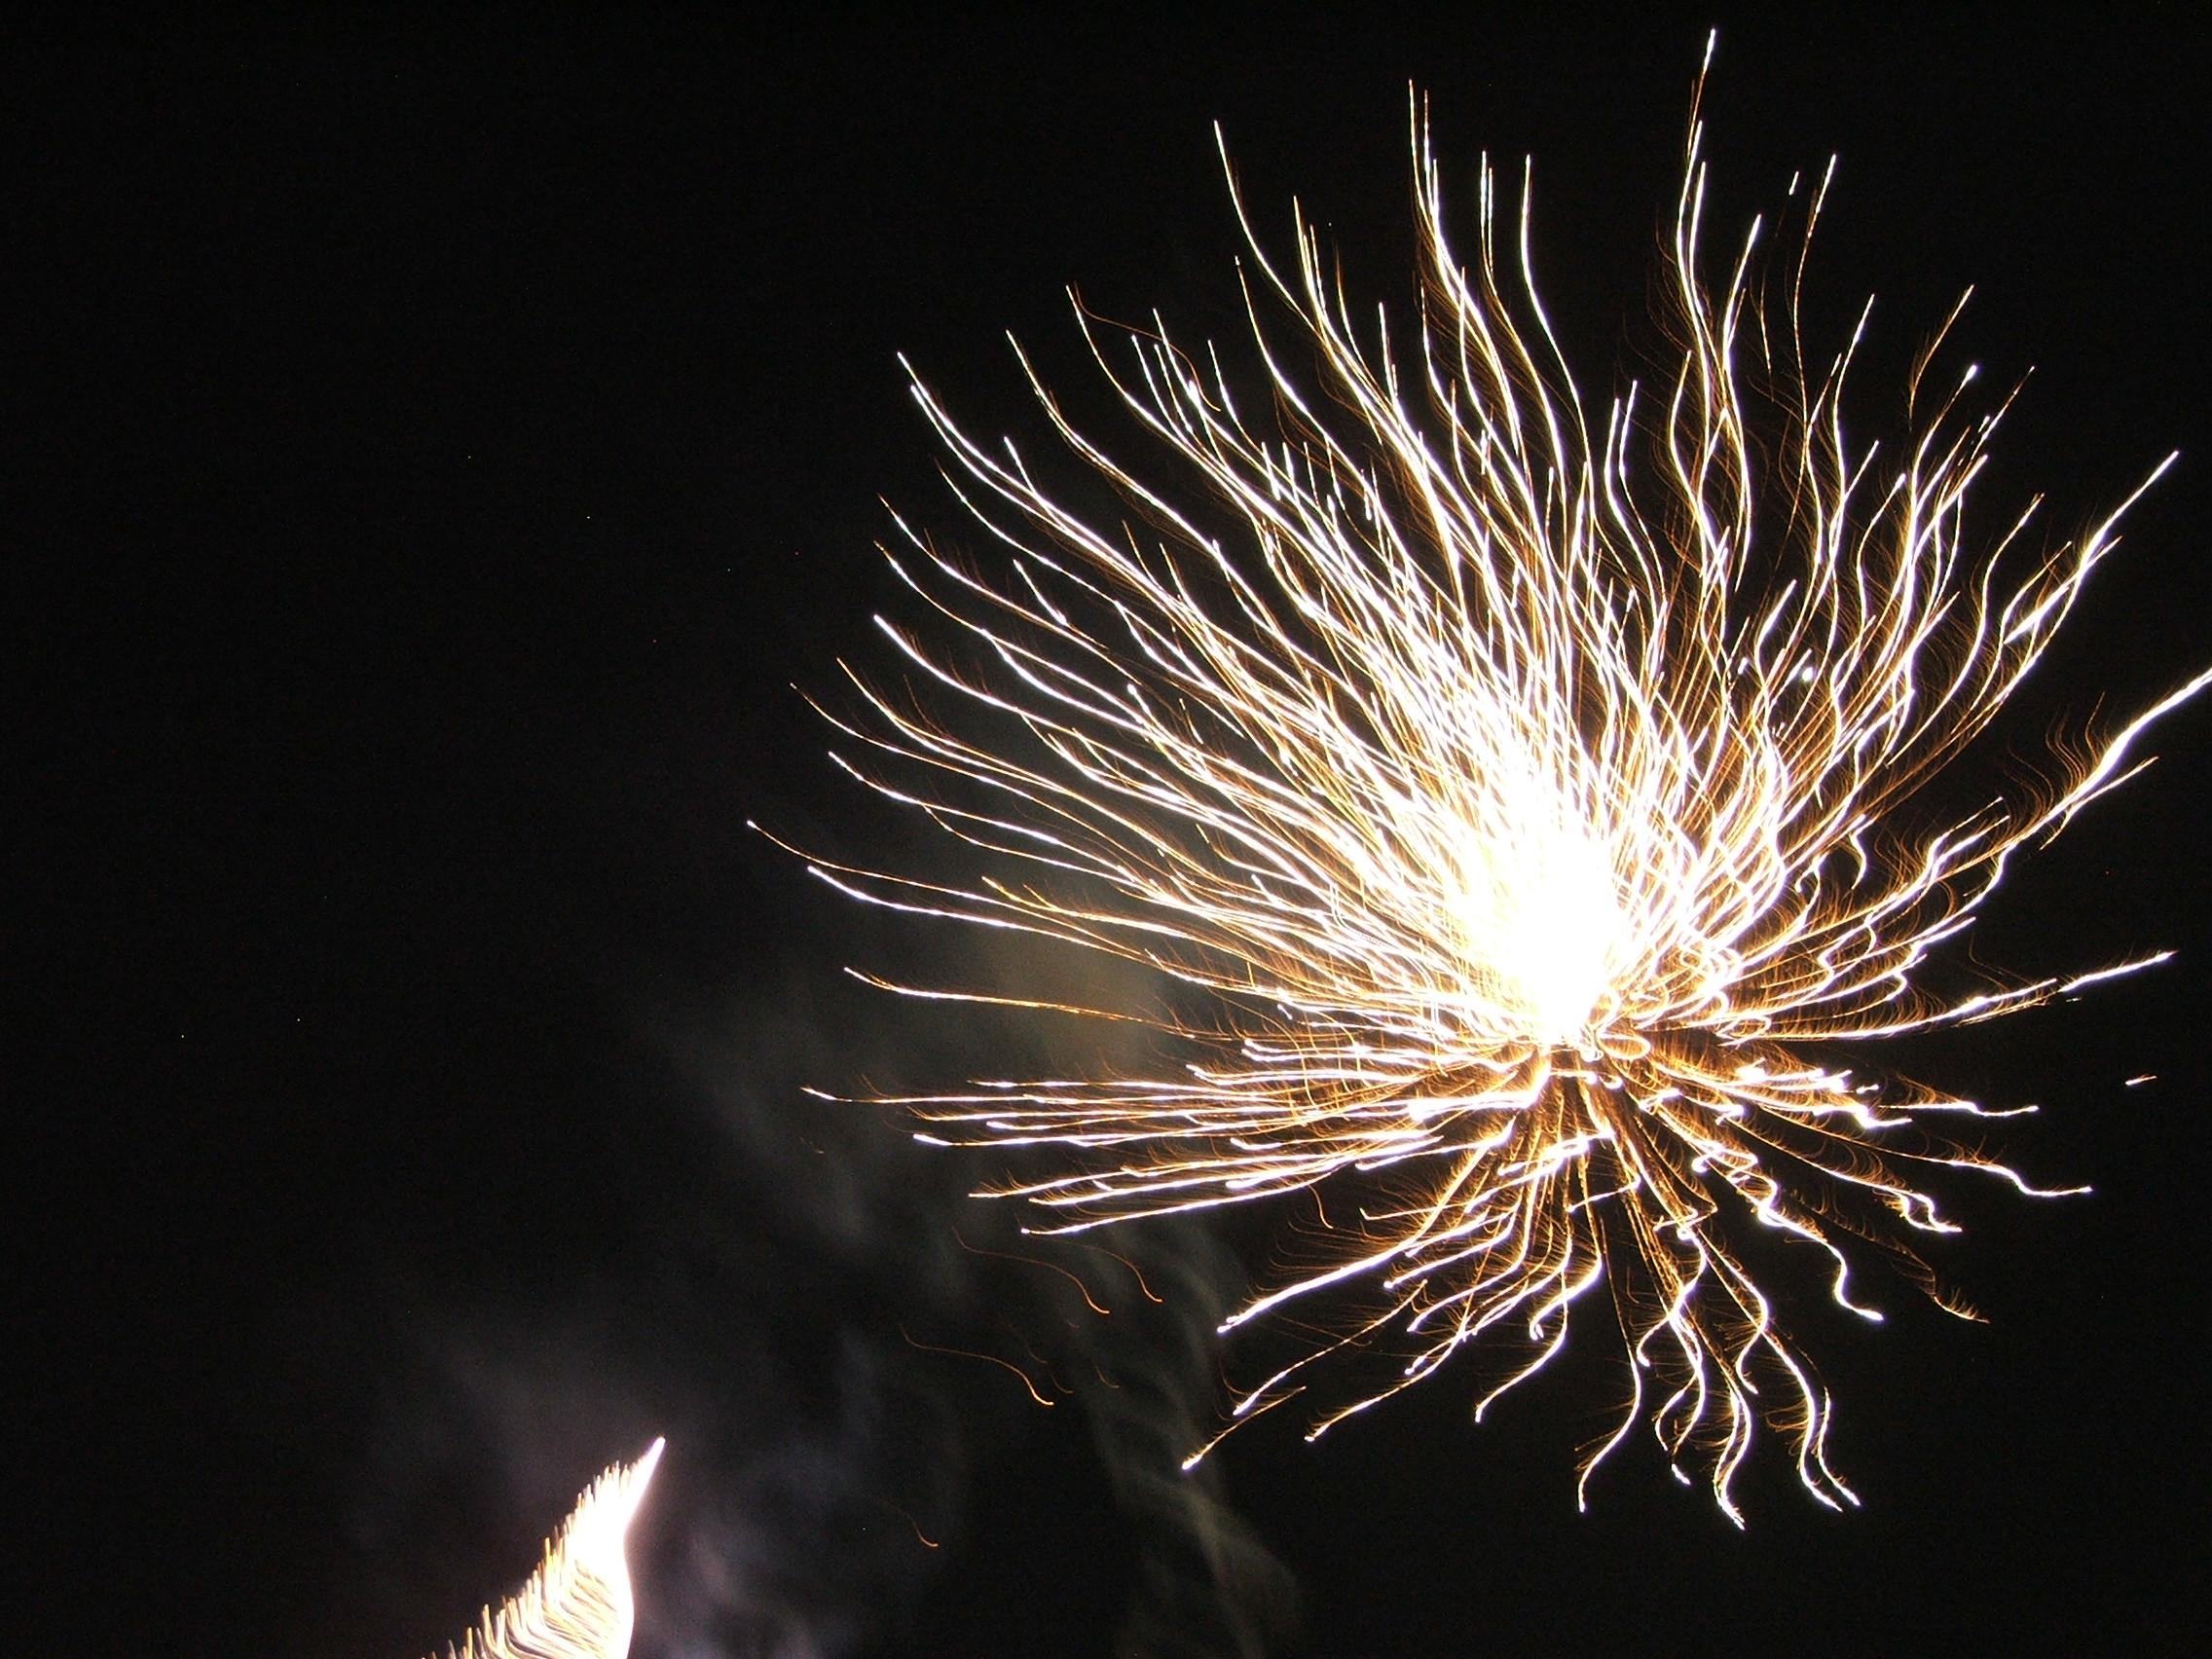 Les animations de notre mariage tout en douceur : le feu d'artifice